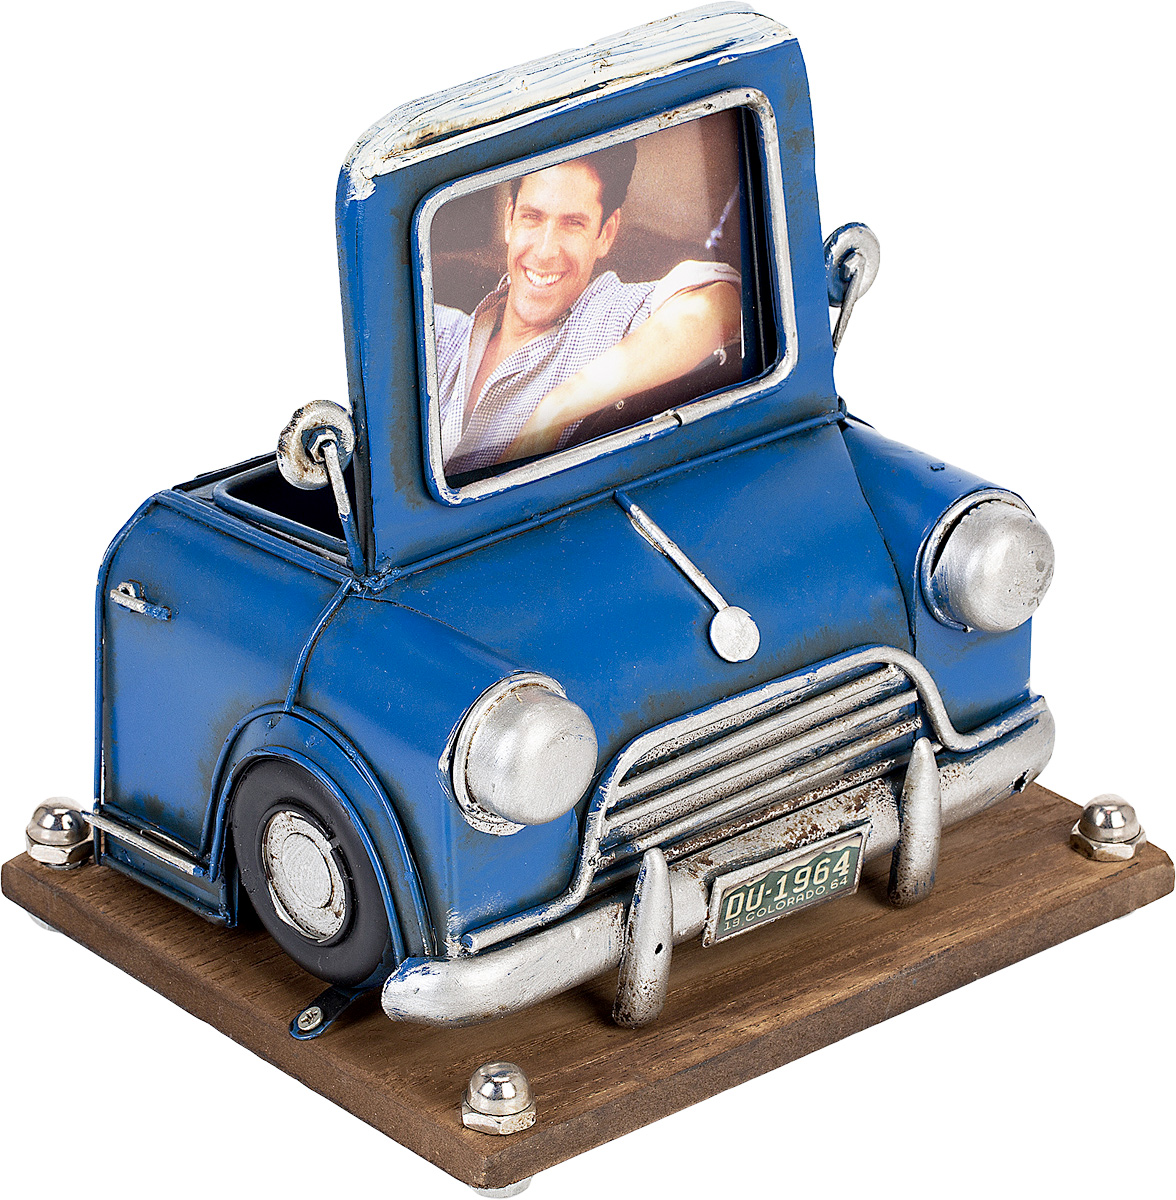 Фоторамка Platinum Автомобиль, с подставкой для ручек, 6 х 8 см46460 AP102328SAФоторамка Platinum Автомобиль, выполненная из металла, оснащена подставкой для ручек и карандашей. Такая фоторамка поможет вам оригинально и стильно дополнить интерьер помещения, а также позволит сохранить память о дорогих вам людях и интересных событиях вашей жизни.